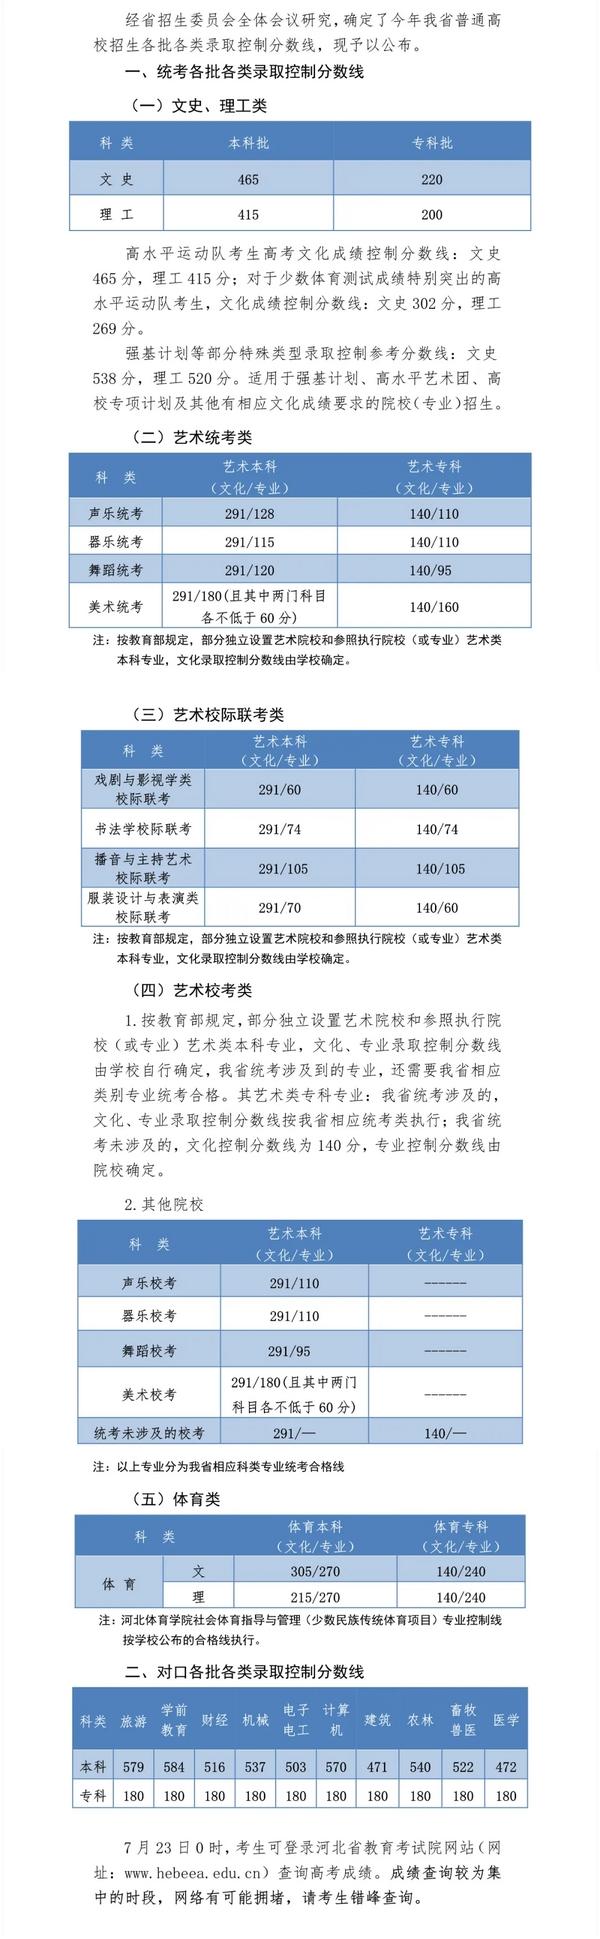 2020年河北省普通高校招生各批各类录取控制分数线